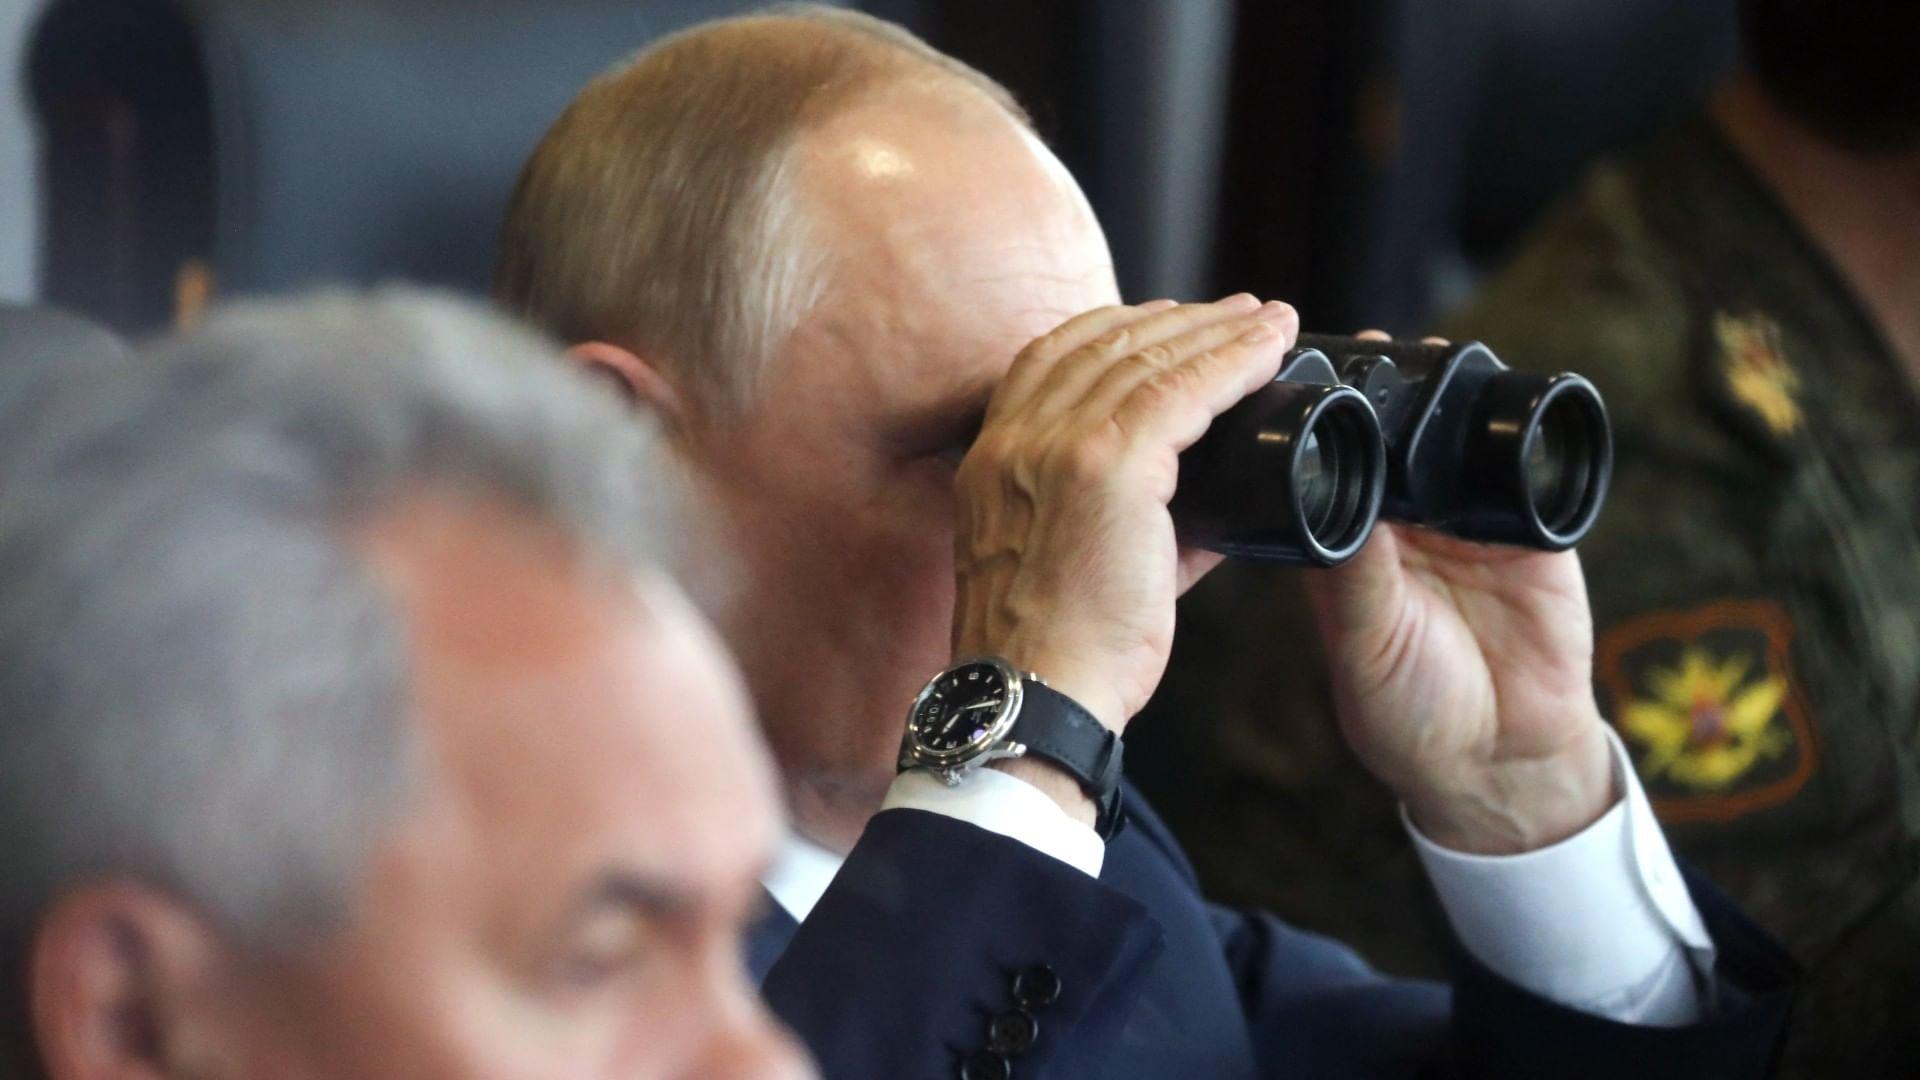 Wahlen in Russland - Putins Jagd auf die Opposition